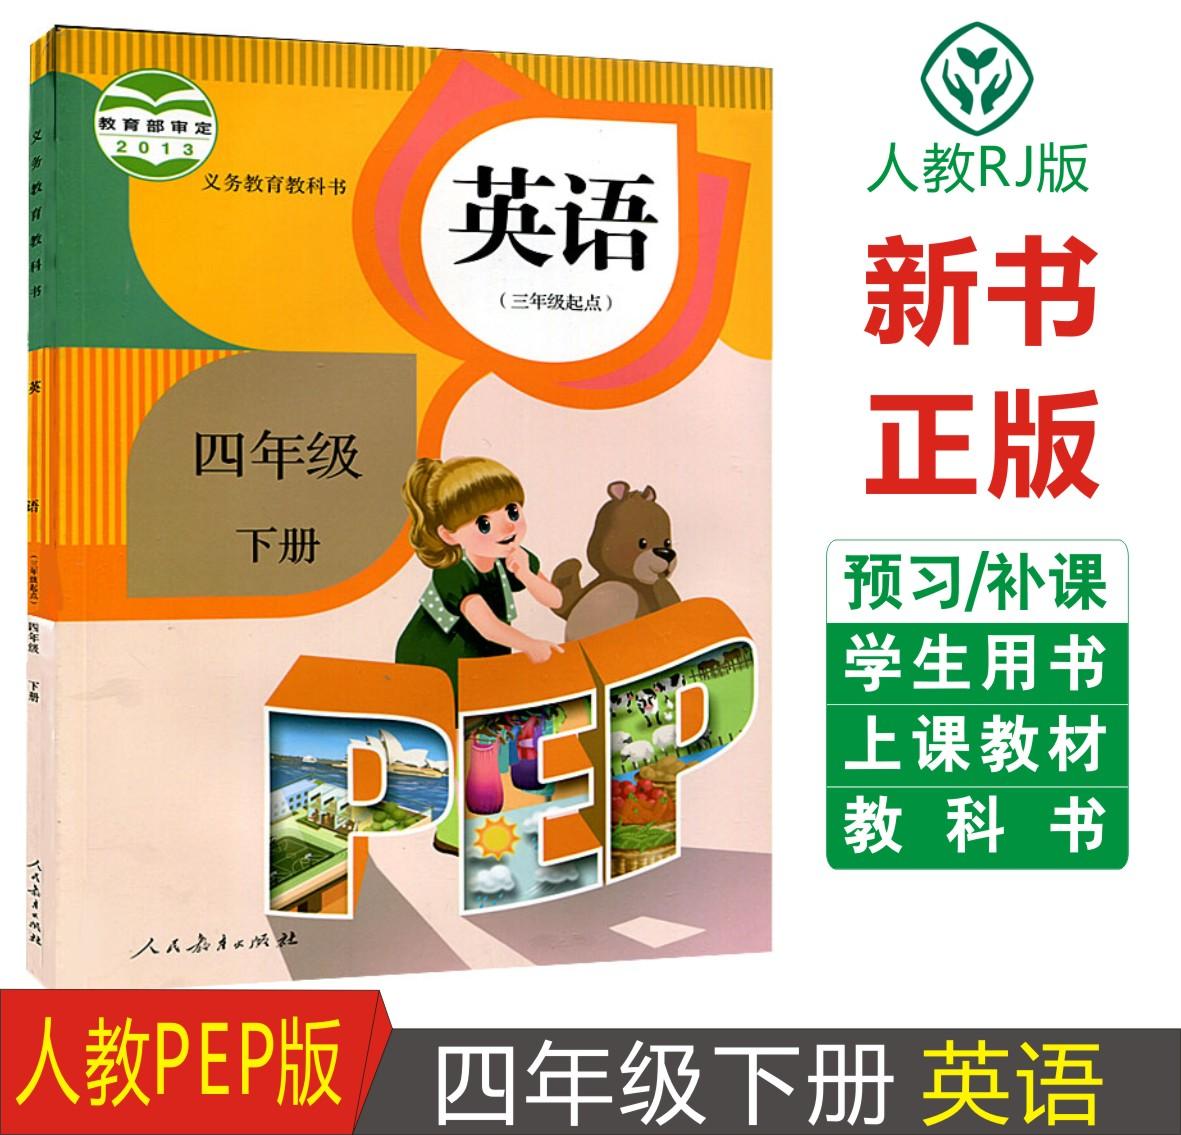 小学 四年级 下册 英语书 人民 教育 出版社 教材 教科书 英语 课本 人教版